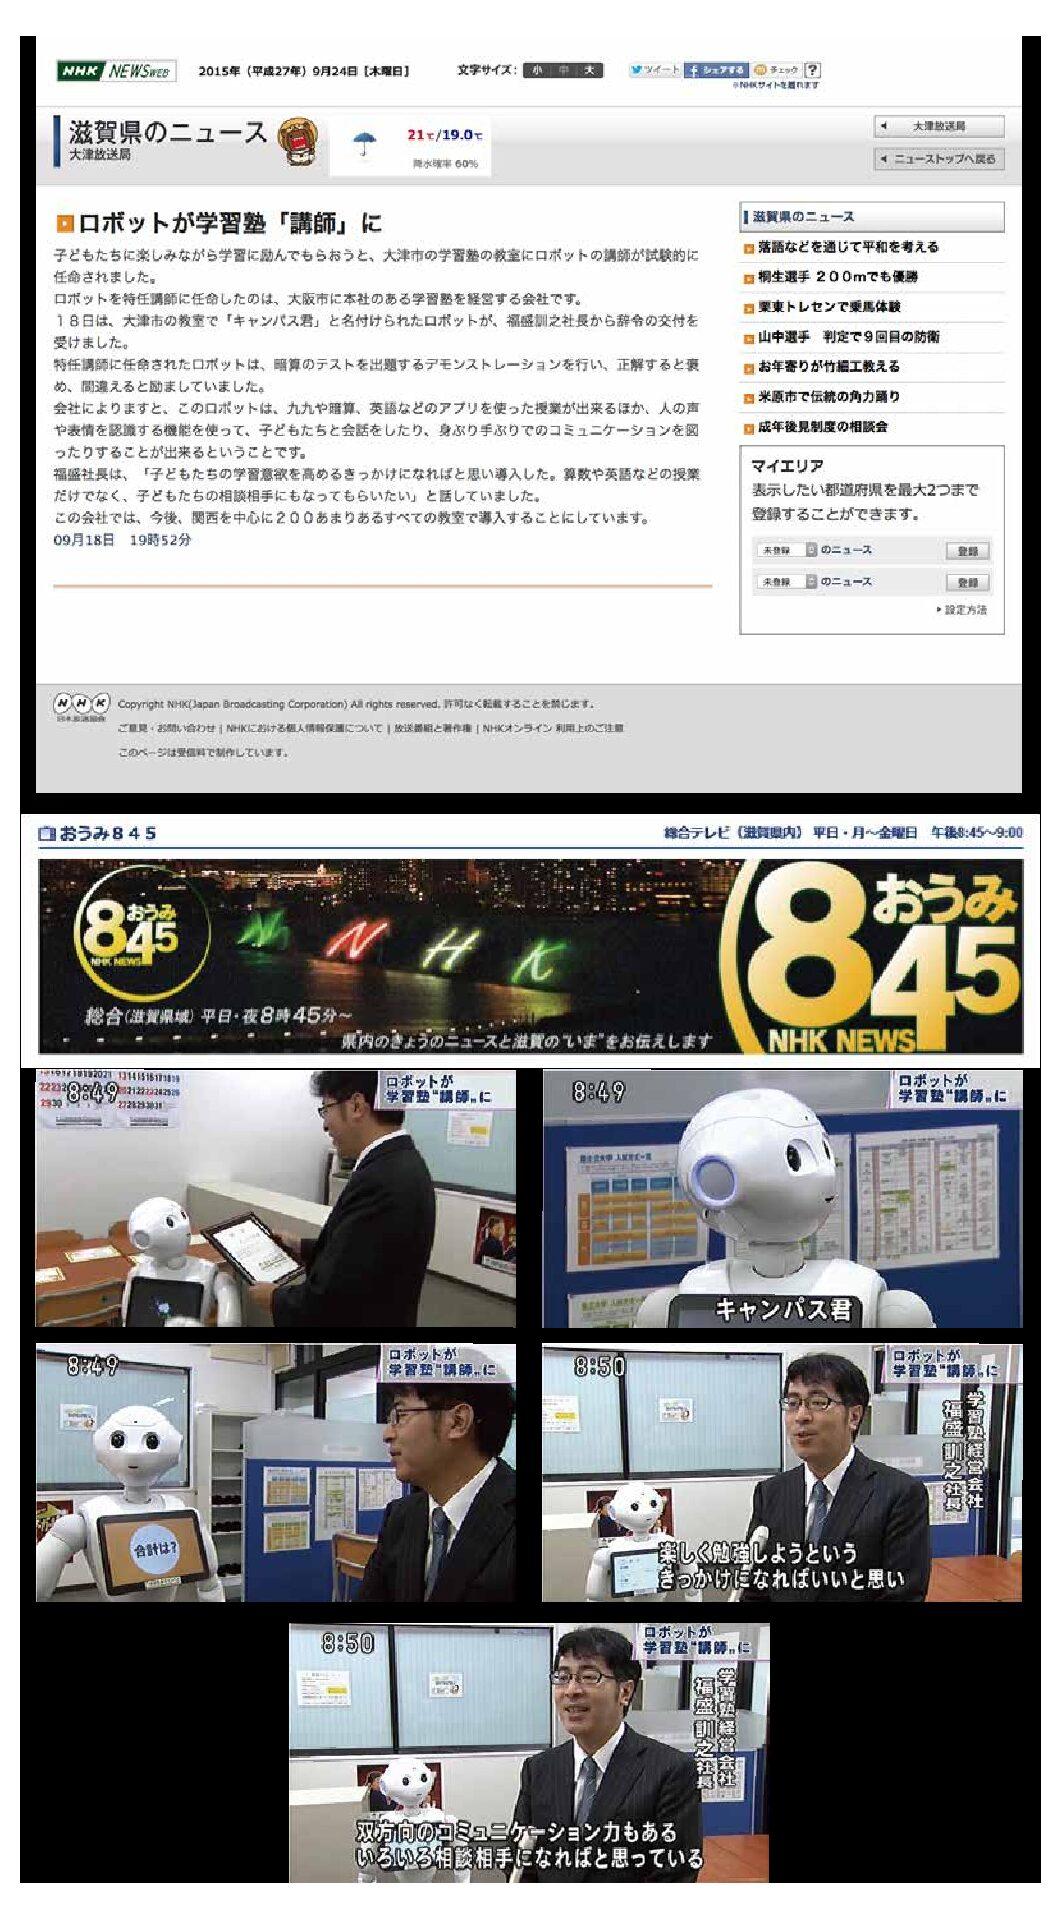 NHK滋賀県域「おうみ845」で特集されました。